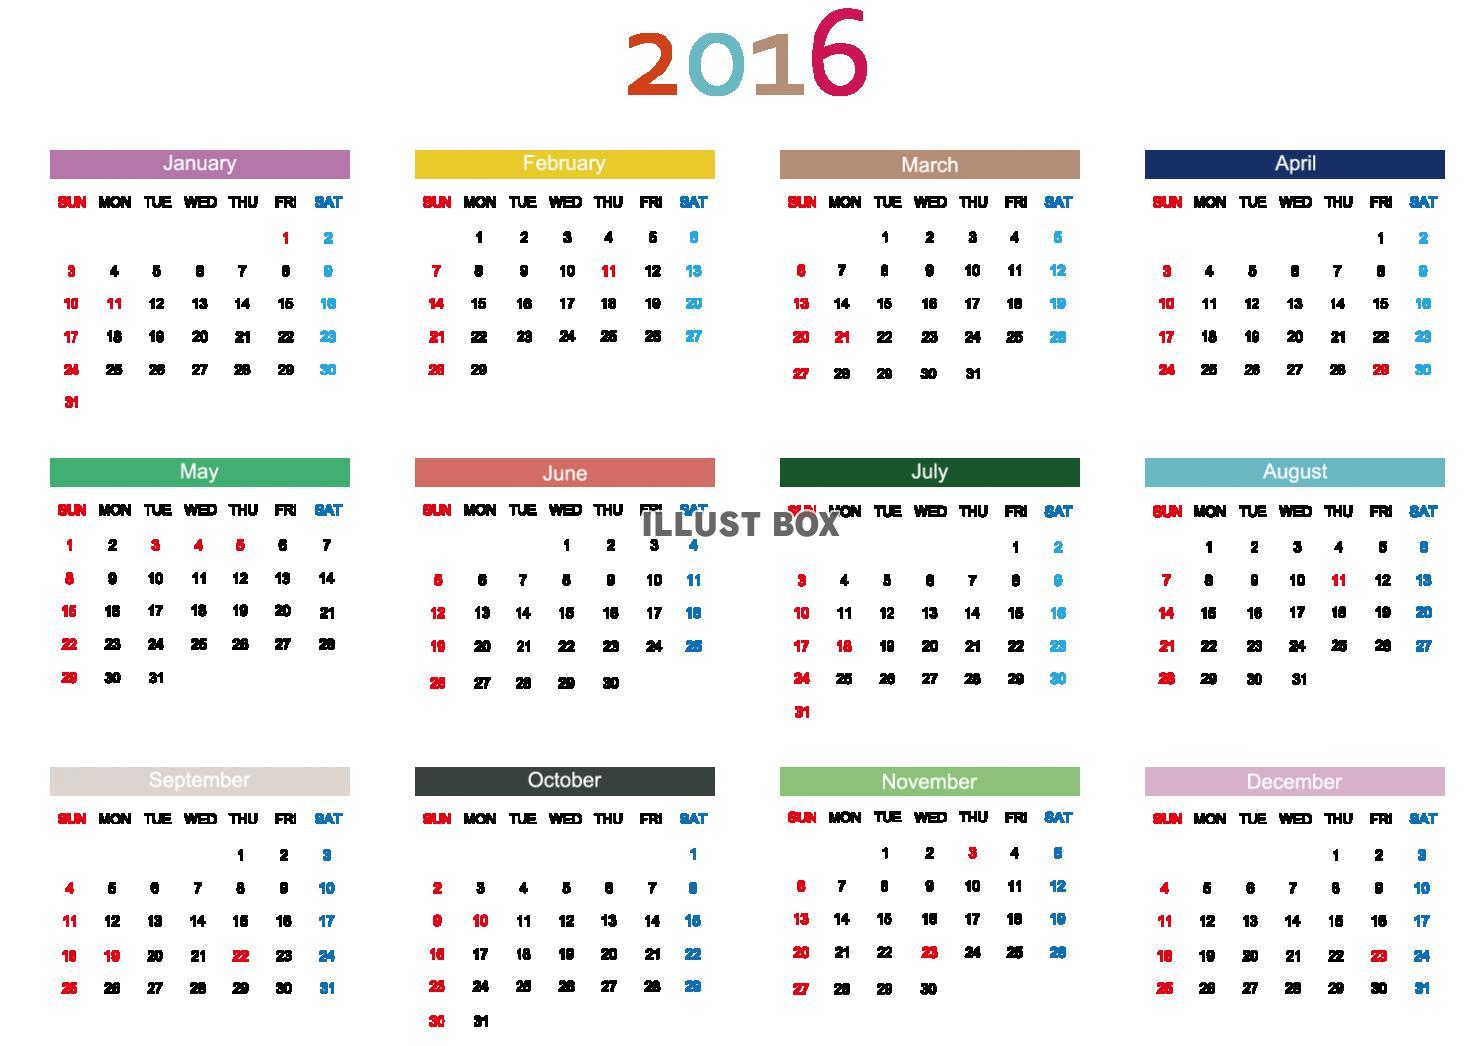 カレンダー 2016年カレンダー ダウンロード : 無料イラスト 2016年 カレンダー